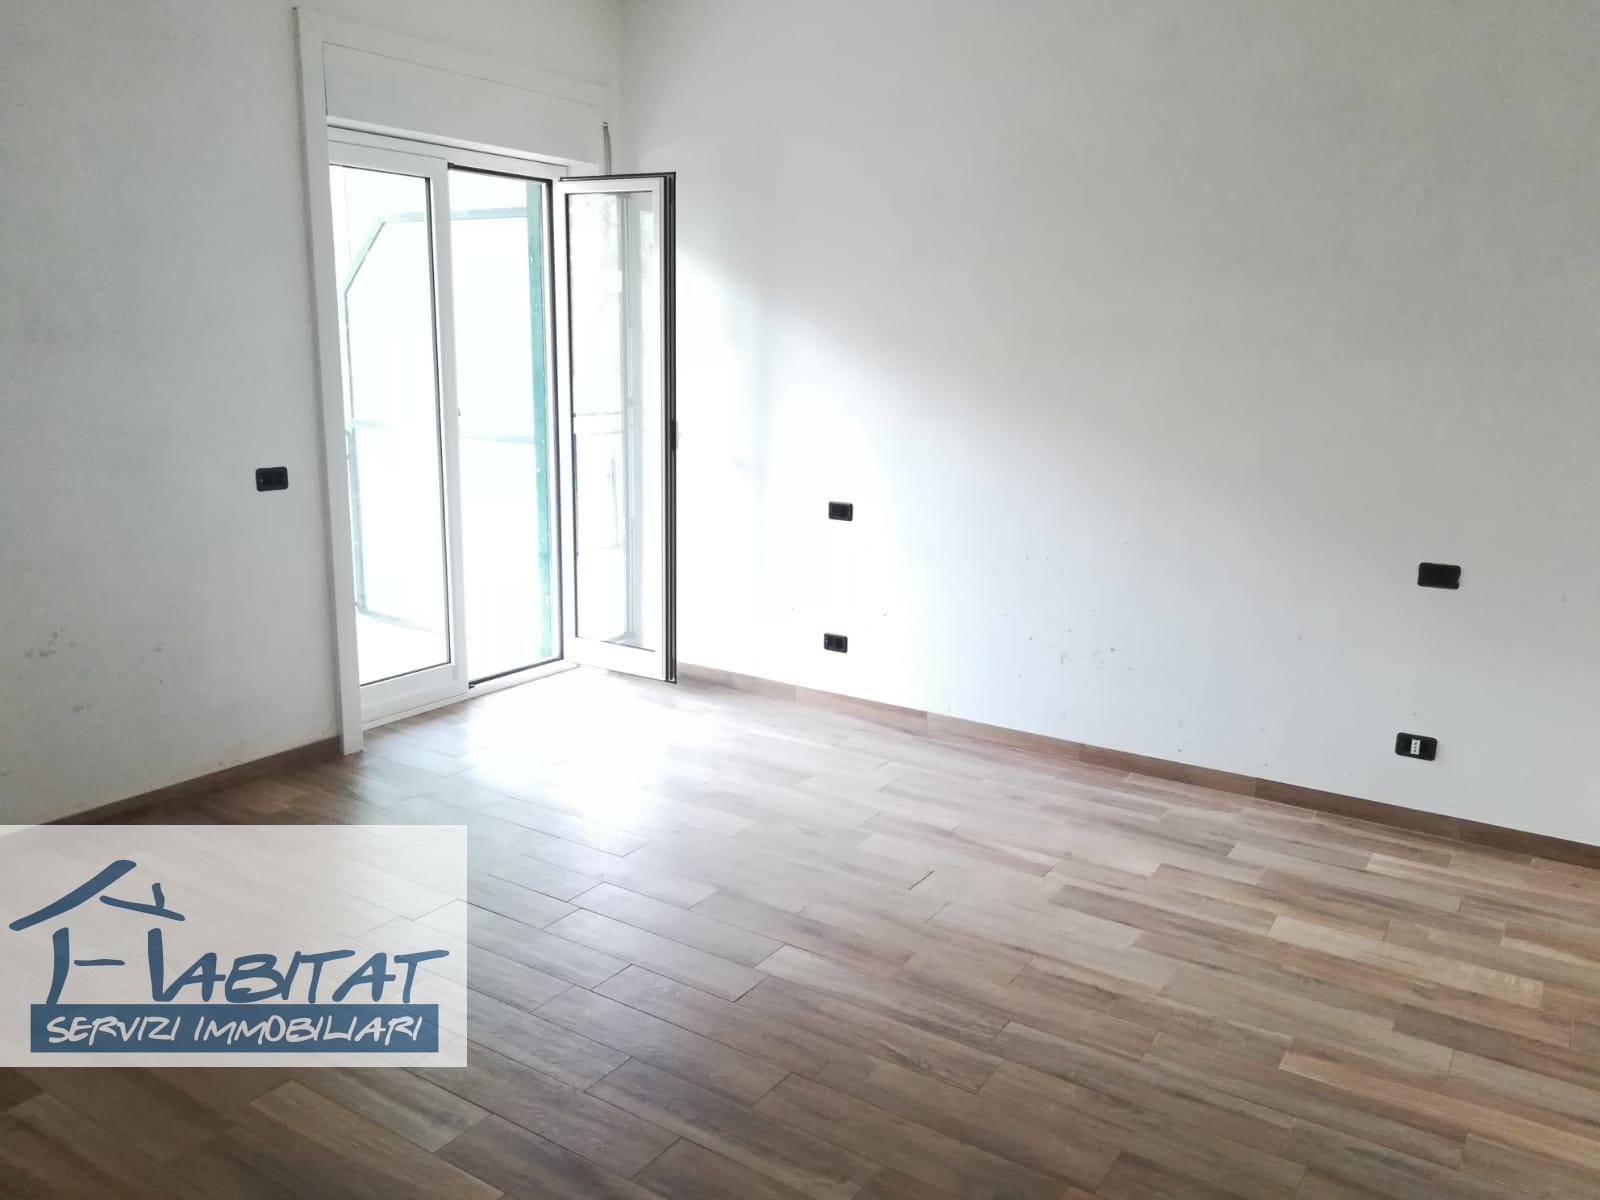 Appartamento in vendita a Agrigento, 2 locali, zona Località: Quadrivio, prezzo € 90.000 | CambioCasa.it